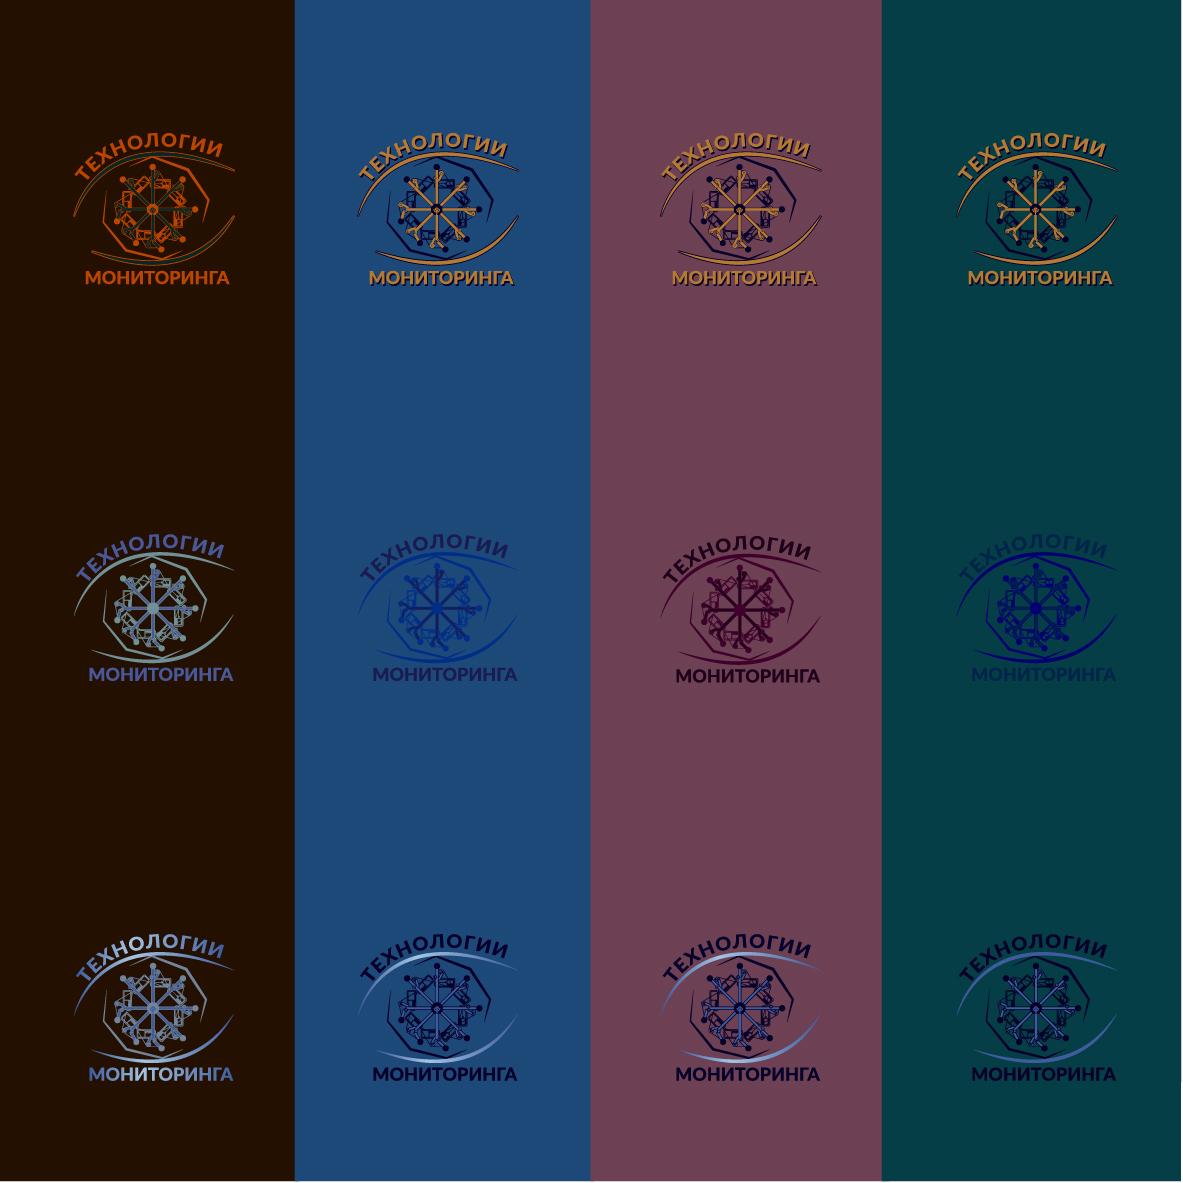 Разработка логотипа фото f_7245976a5eb33781.jpg